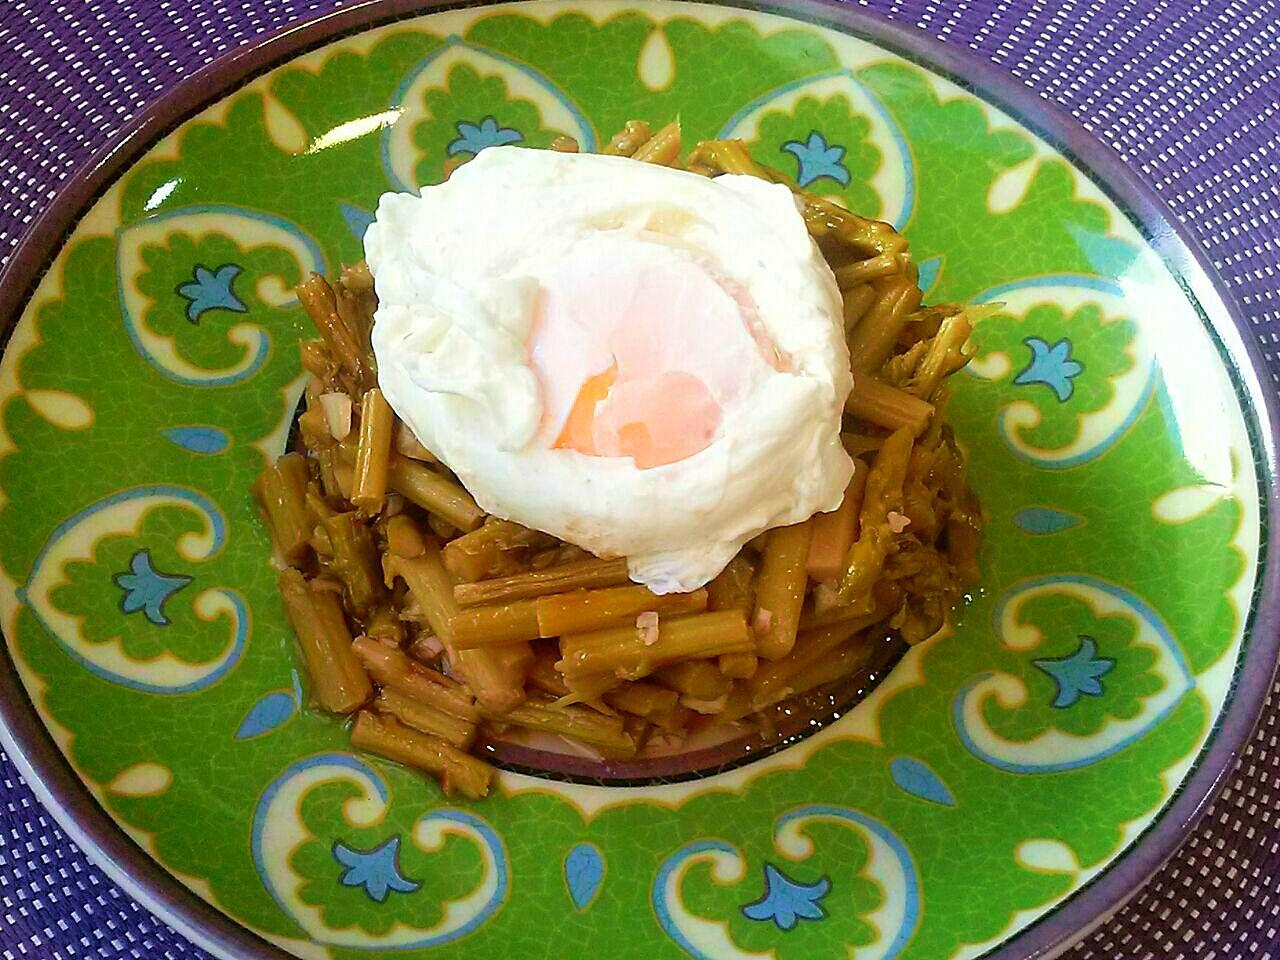 Espárragos trigueros al ajillo con huevo